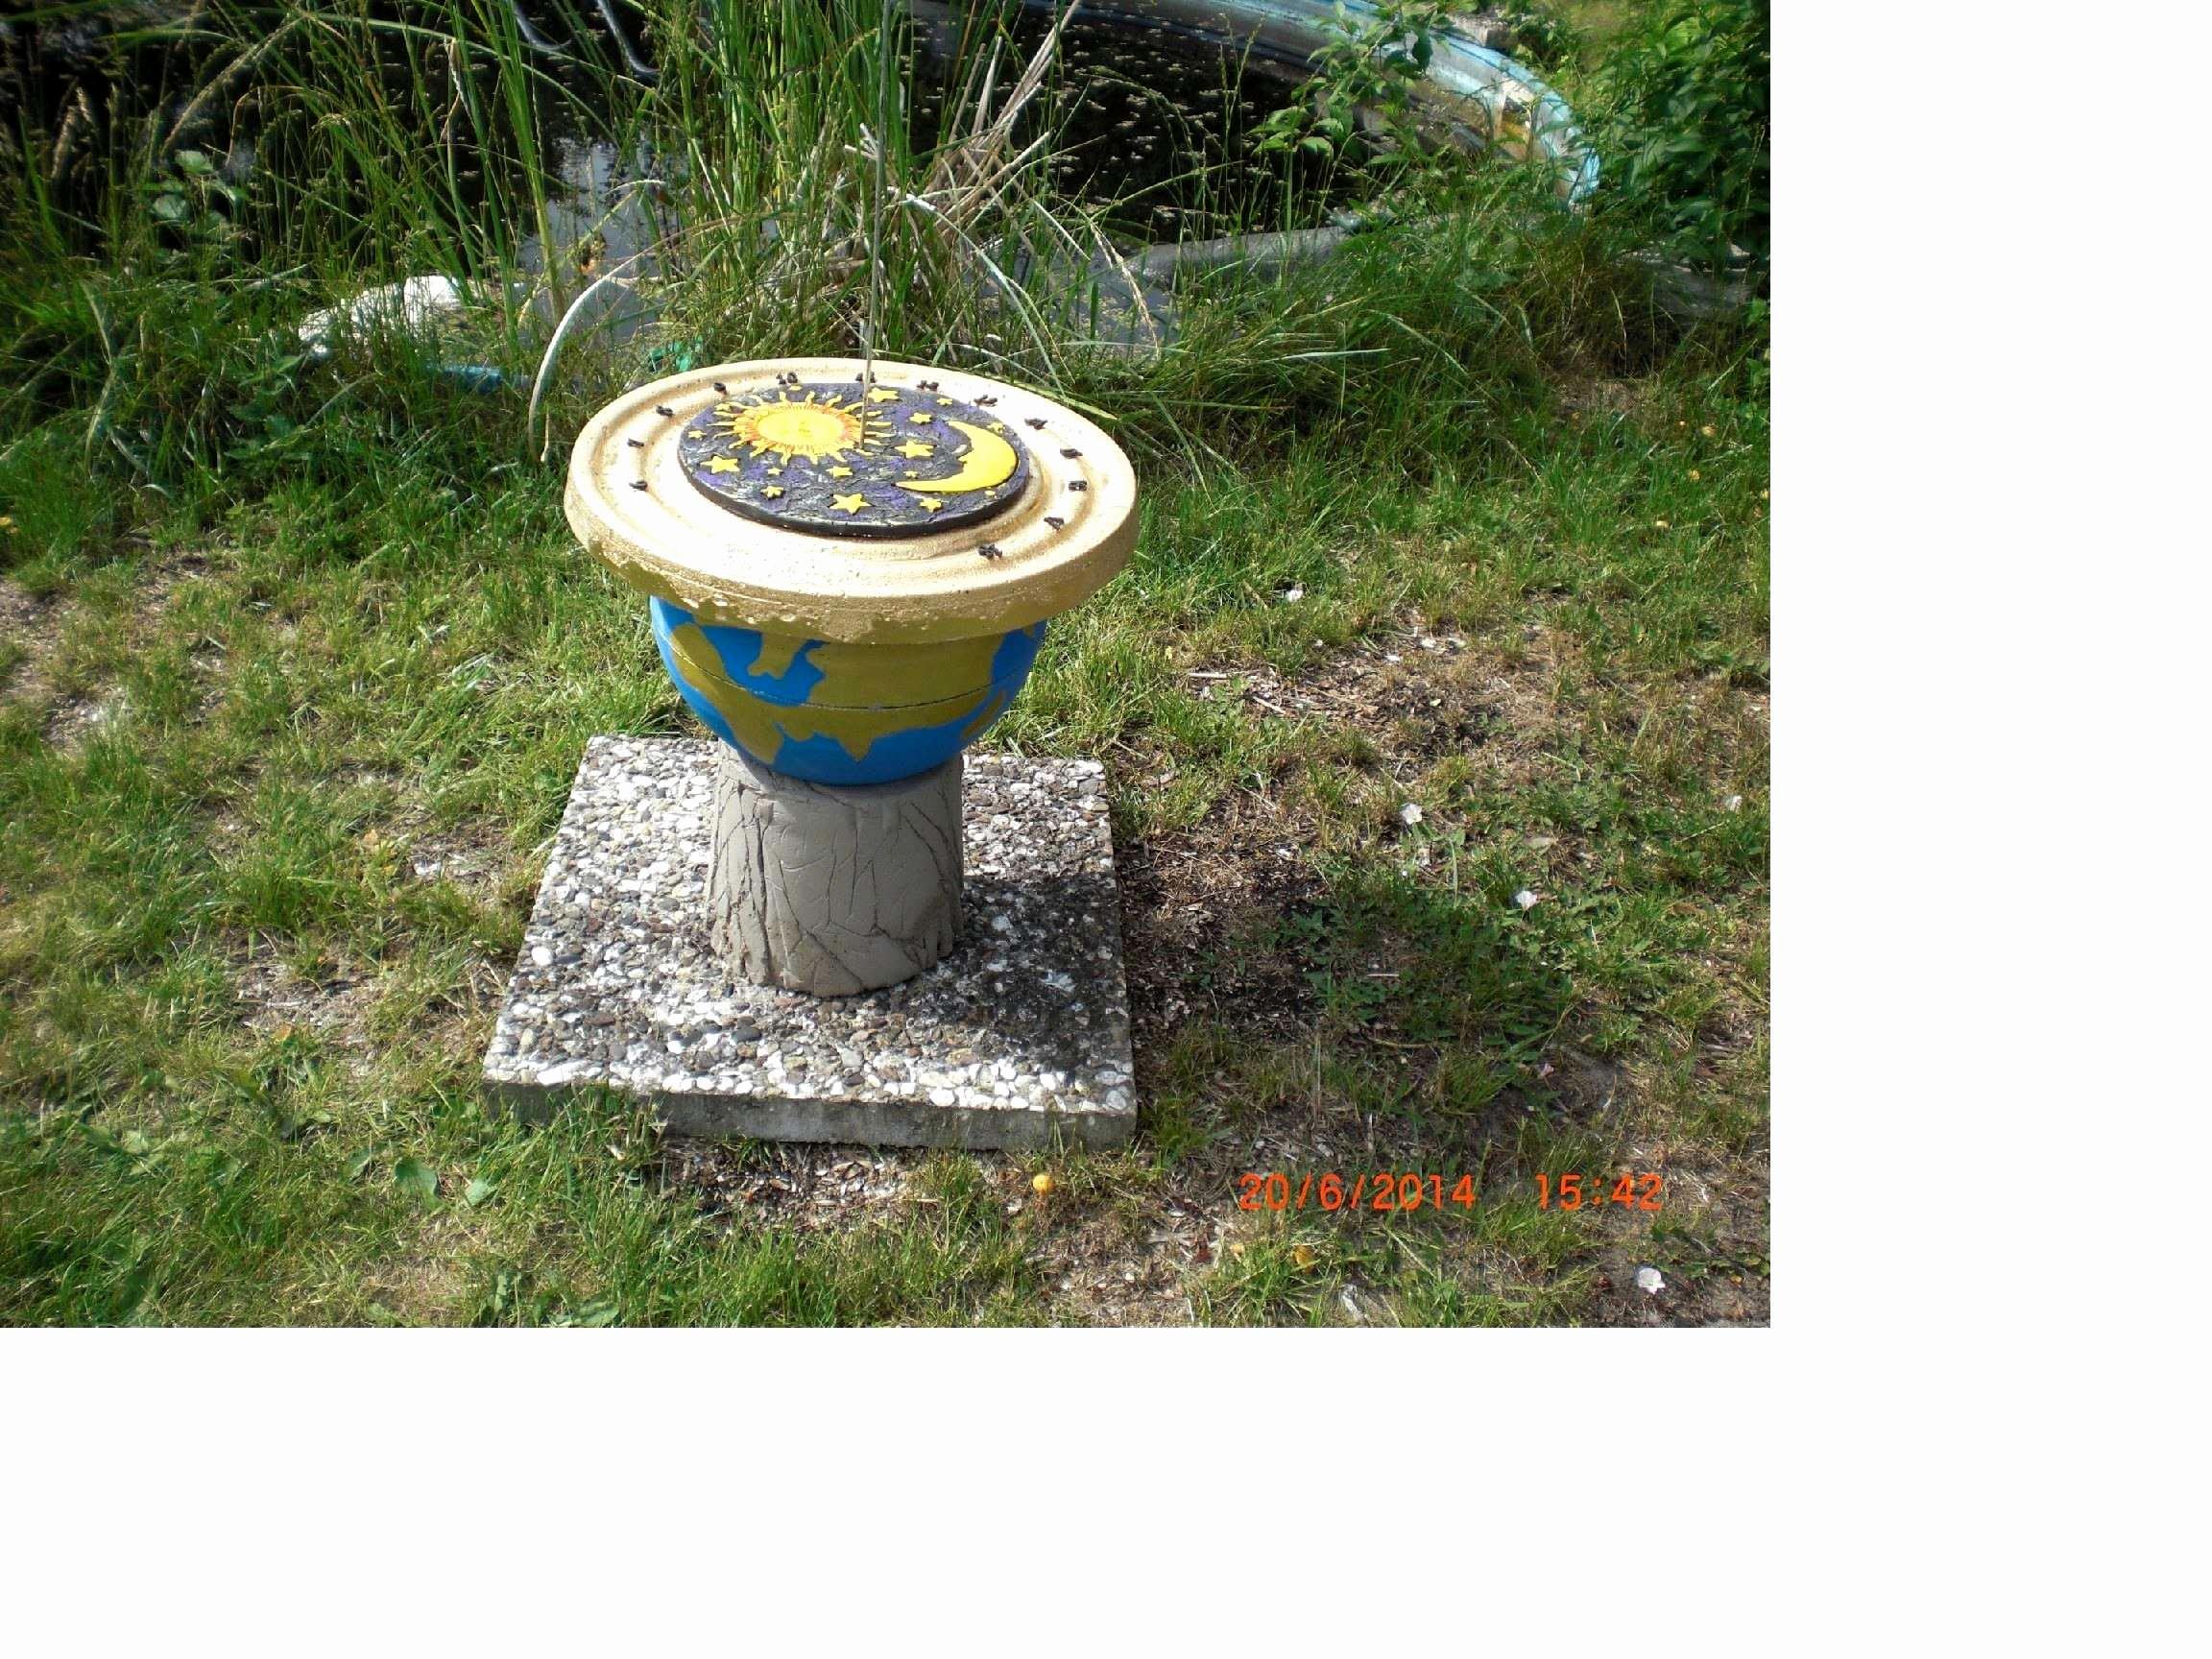 garden water features picture of garten ideen reizend garten ideen diy modell diy projects youtube of garden water features